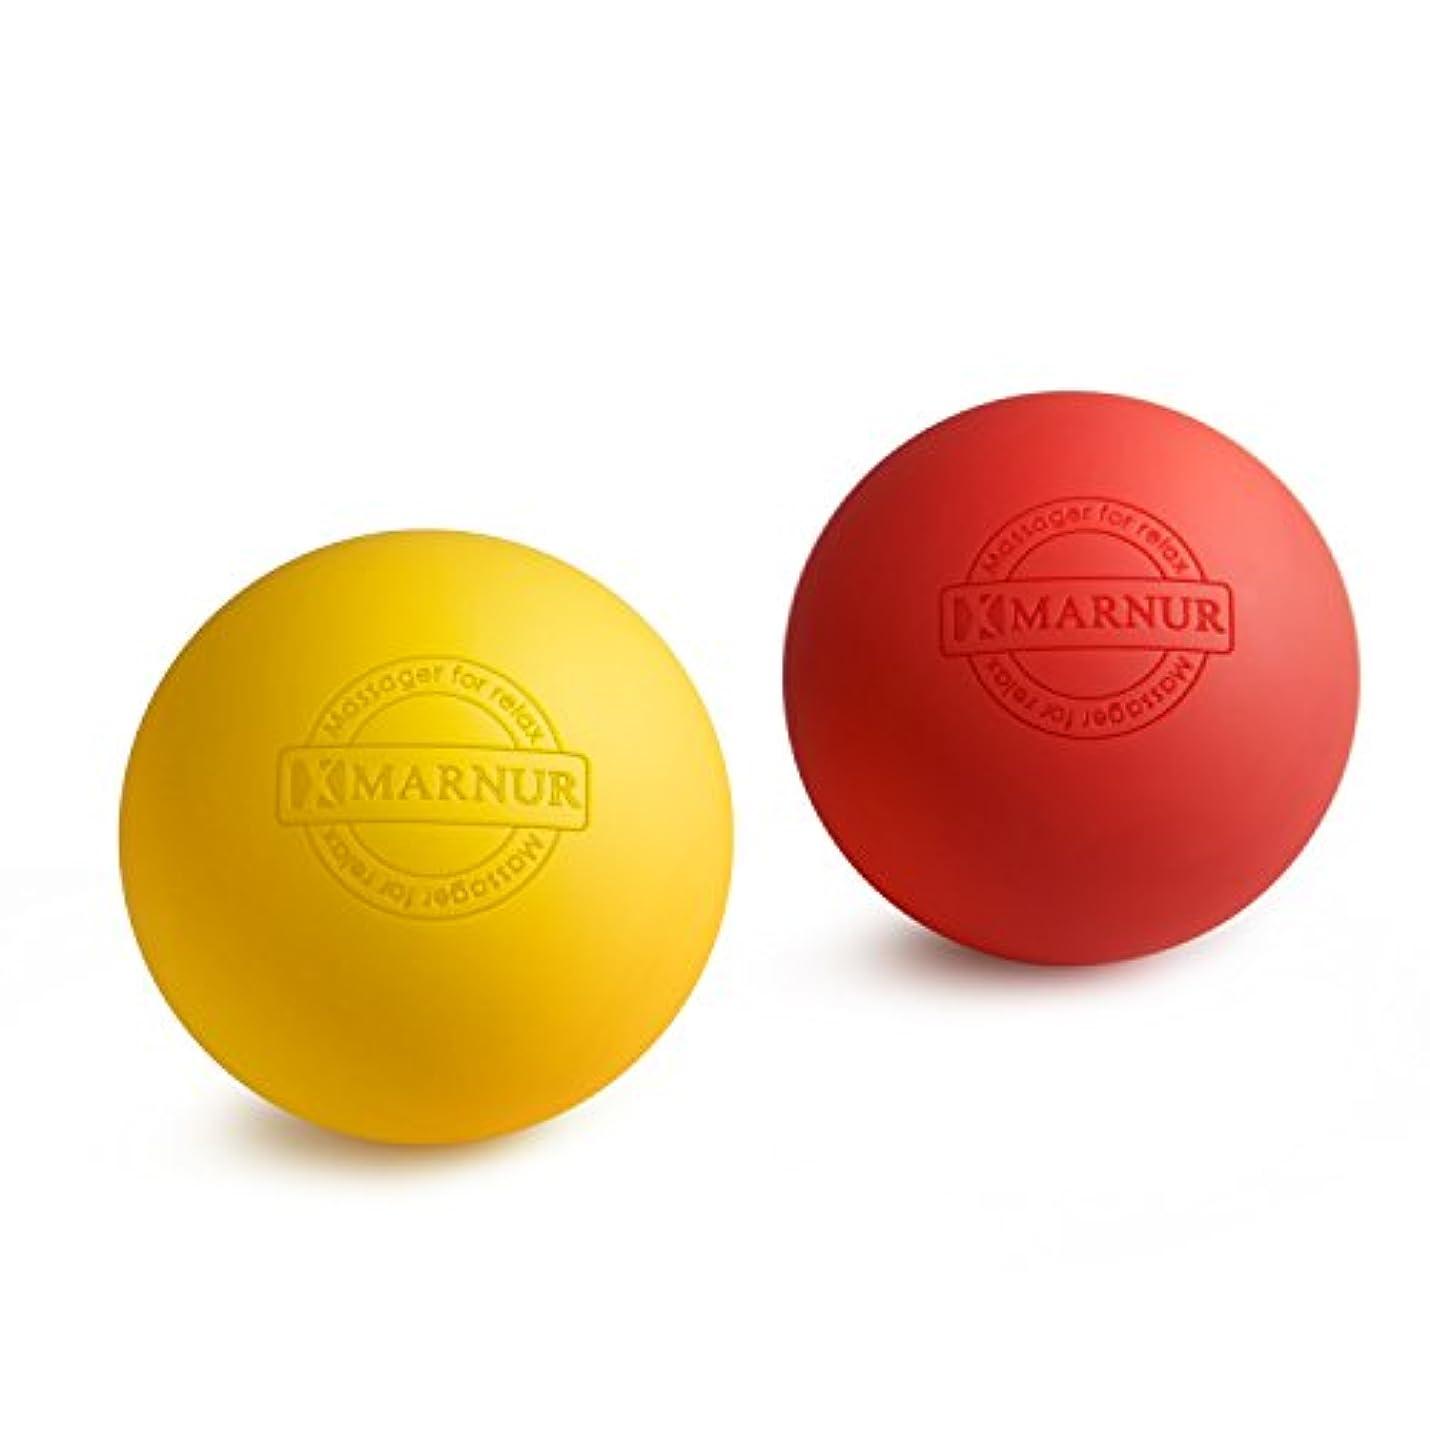 駅アテンダント協力MARNUR マッサージボール ストレッチボール トリガーポイント 筋膜リリース トレーニング 背中 肩こり 腰 ふくらはぎ 足裏 ツボ押しグッズ 2で1組み合わせ